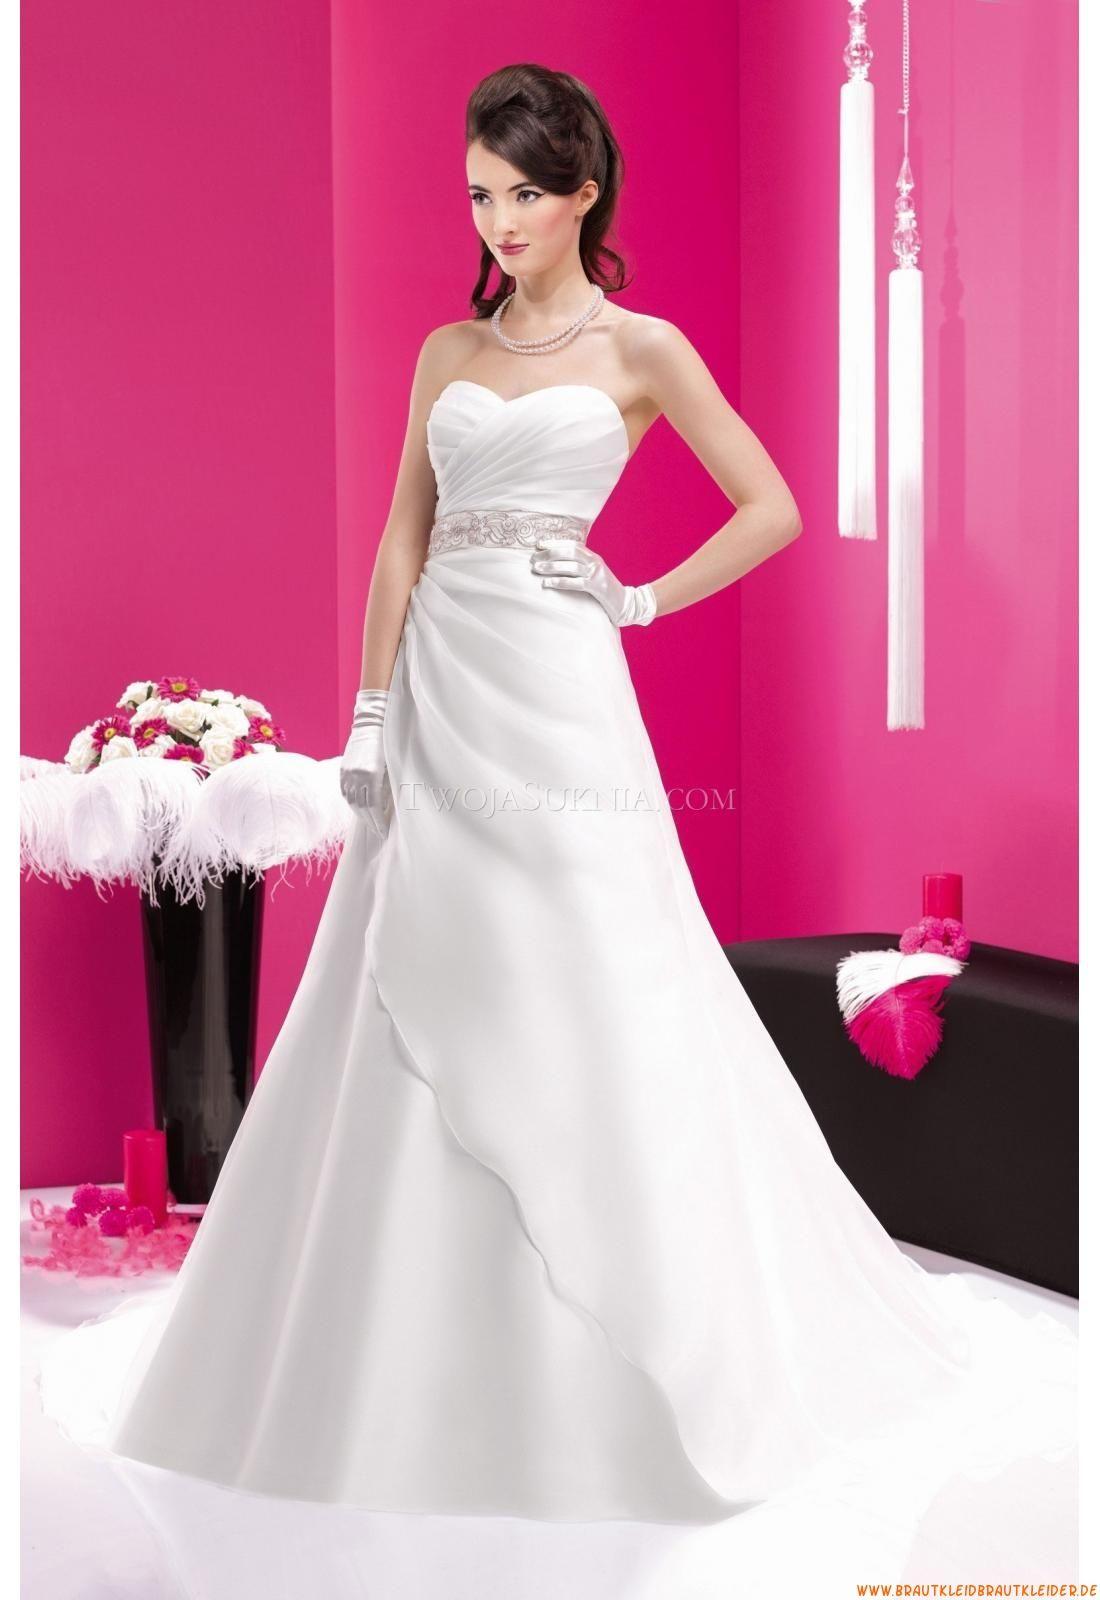 Ballkleid Brautkleider 2014 | brautkleider übergröße | Pinterest ...